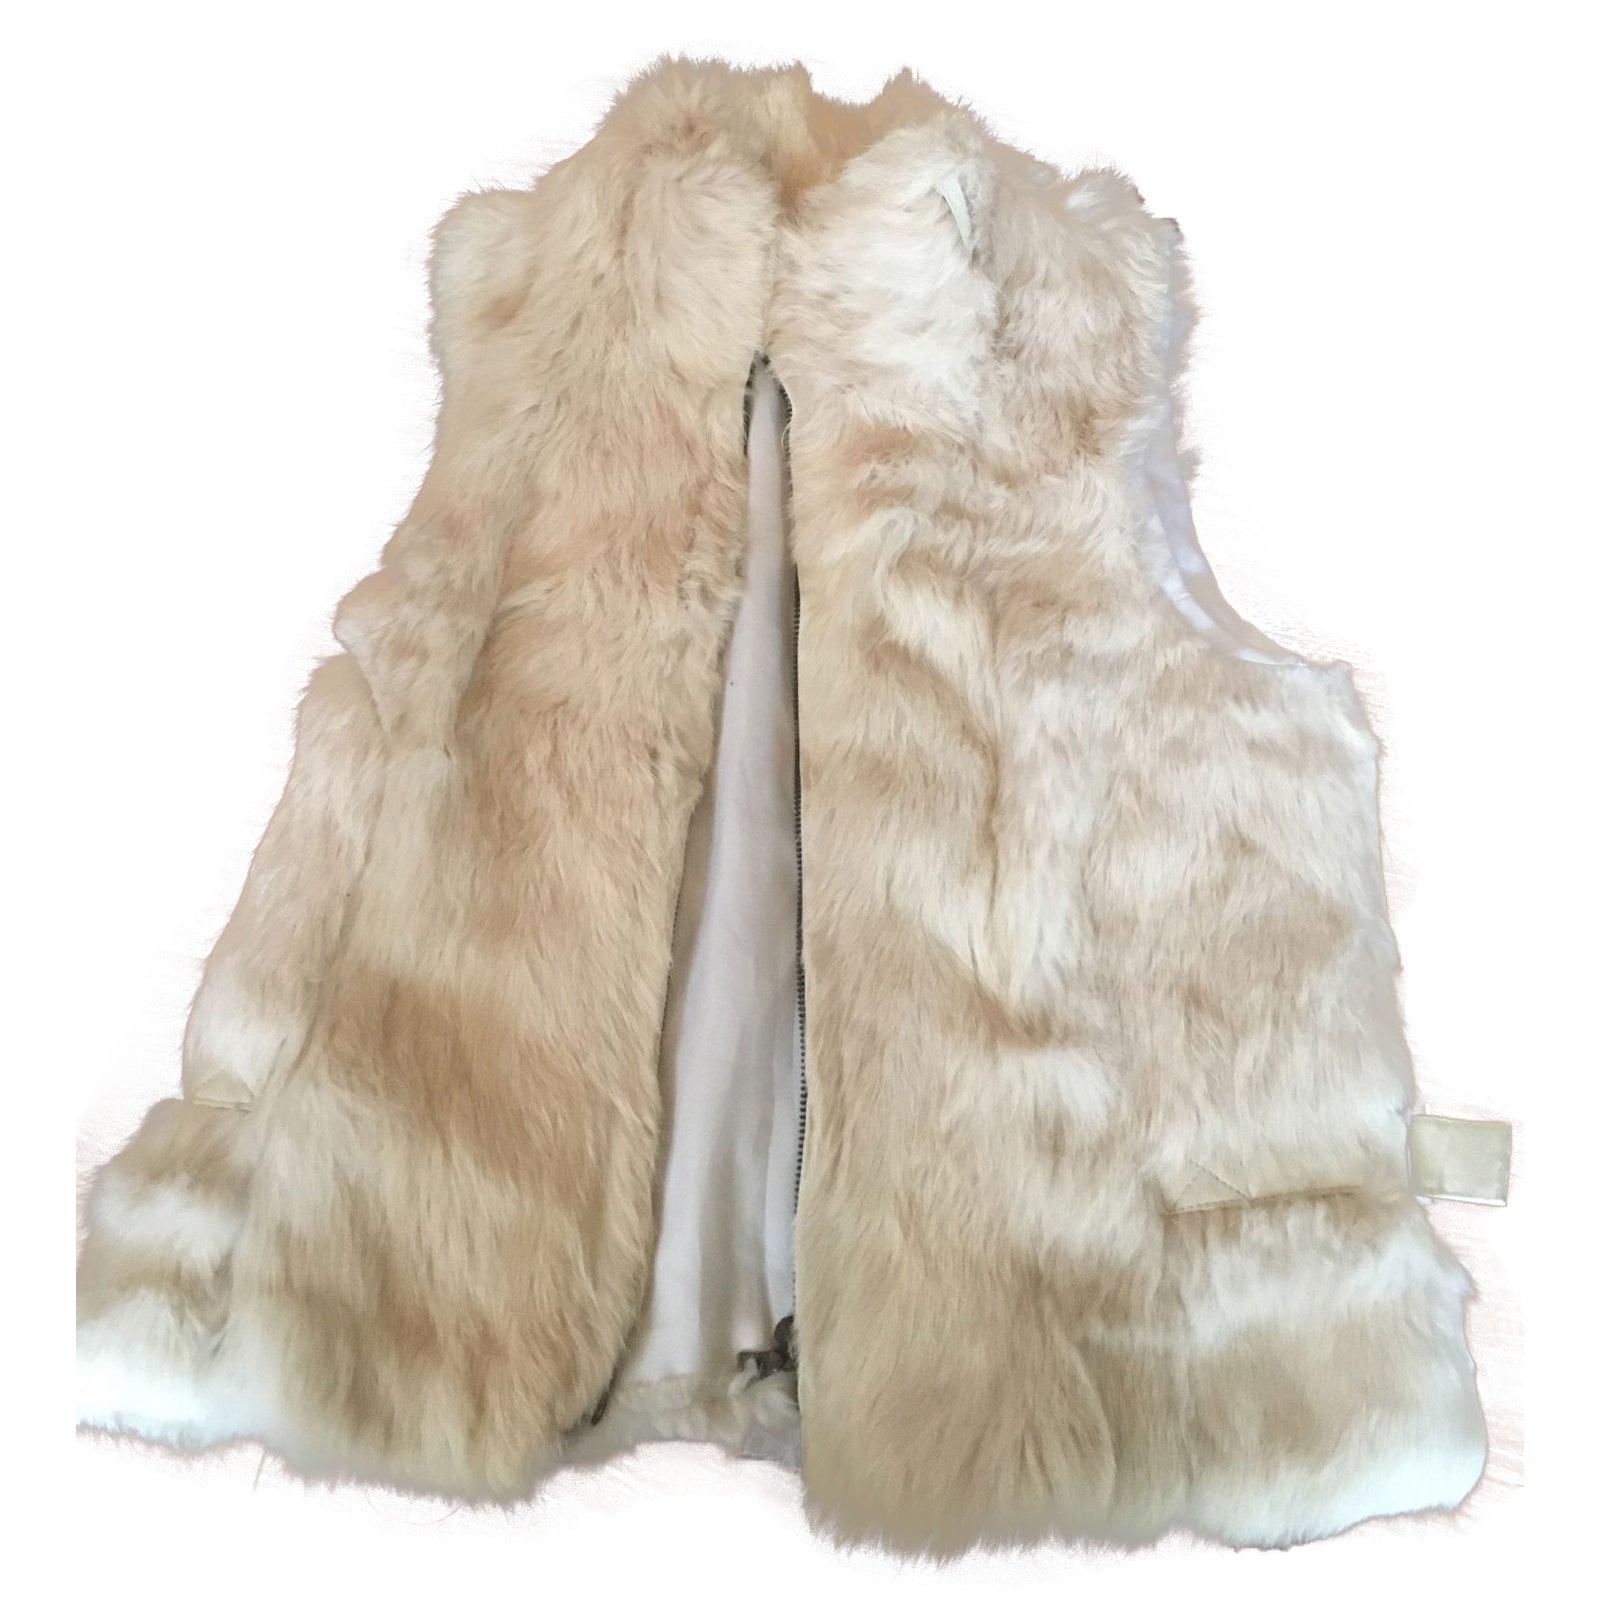 manteaux ventcouvert gilet en lapin sans manche fourrure. Black Bedroom Furniture Sets. Home Design Ideas